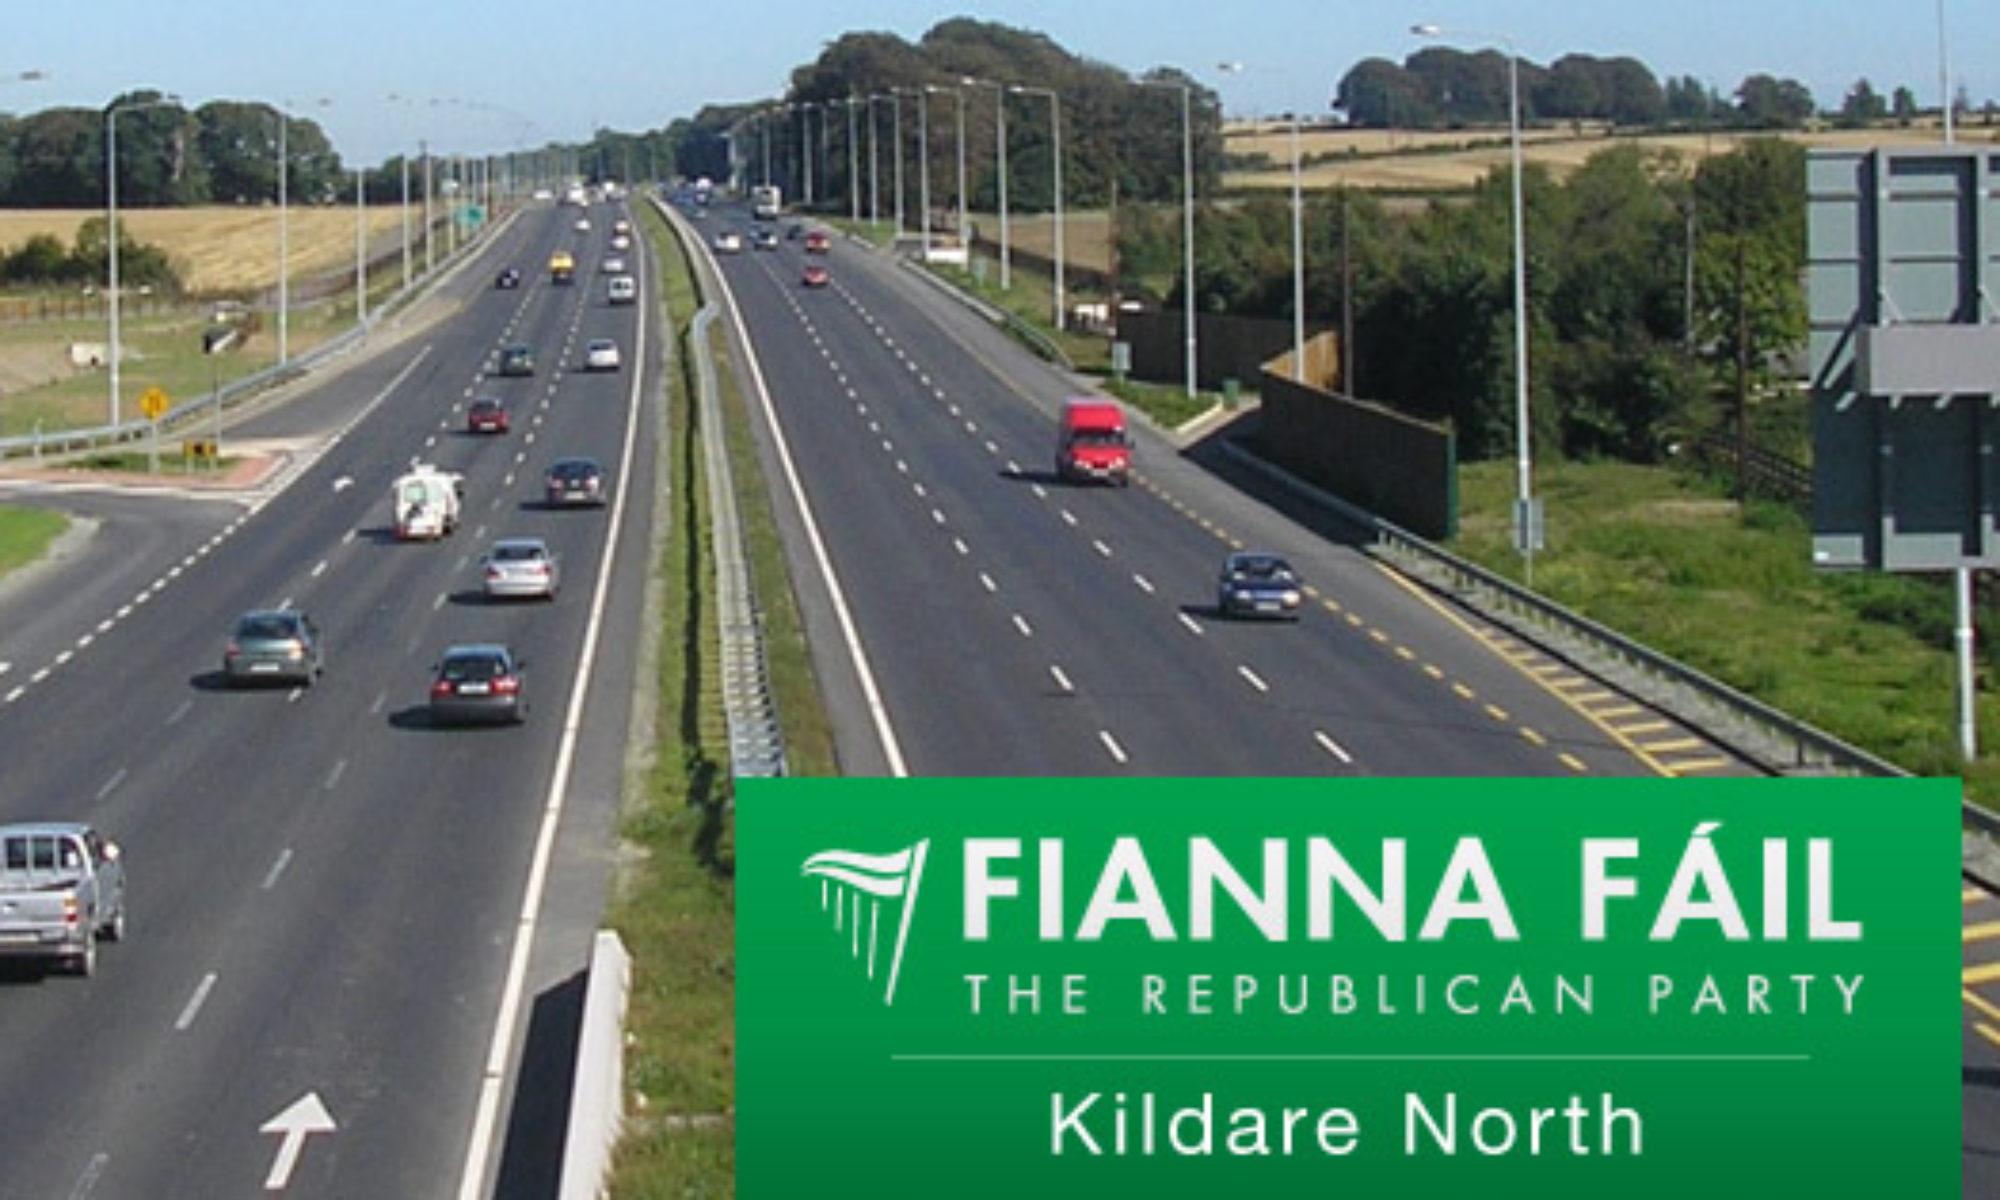 Kildare North Fianna Fáil